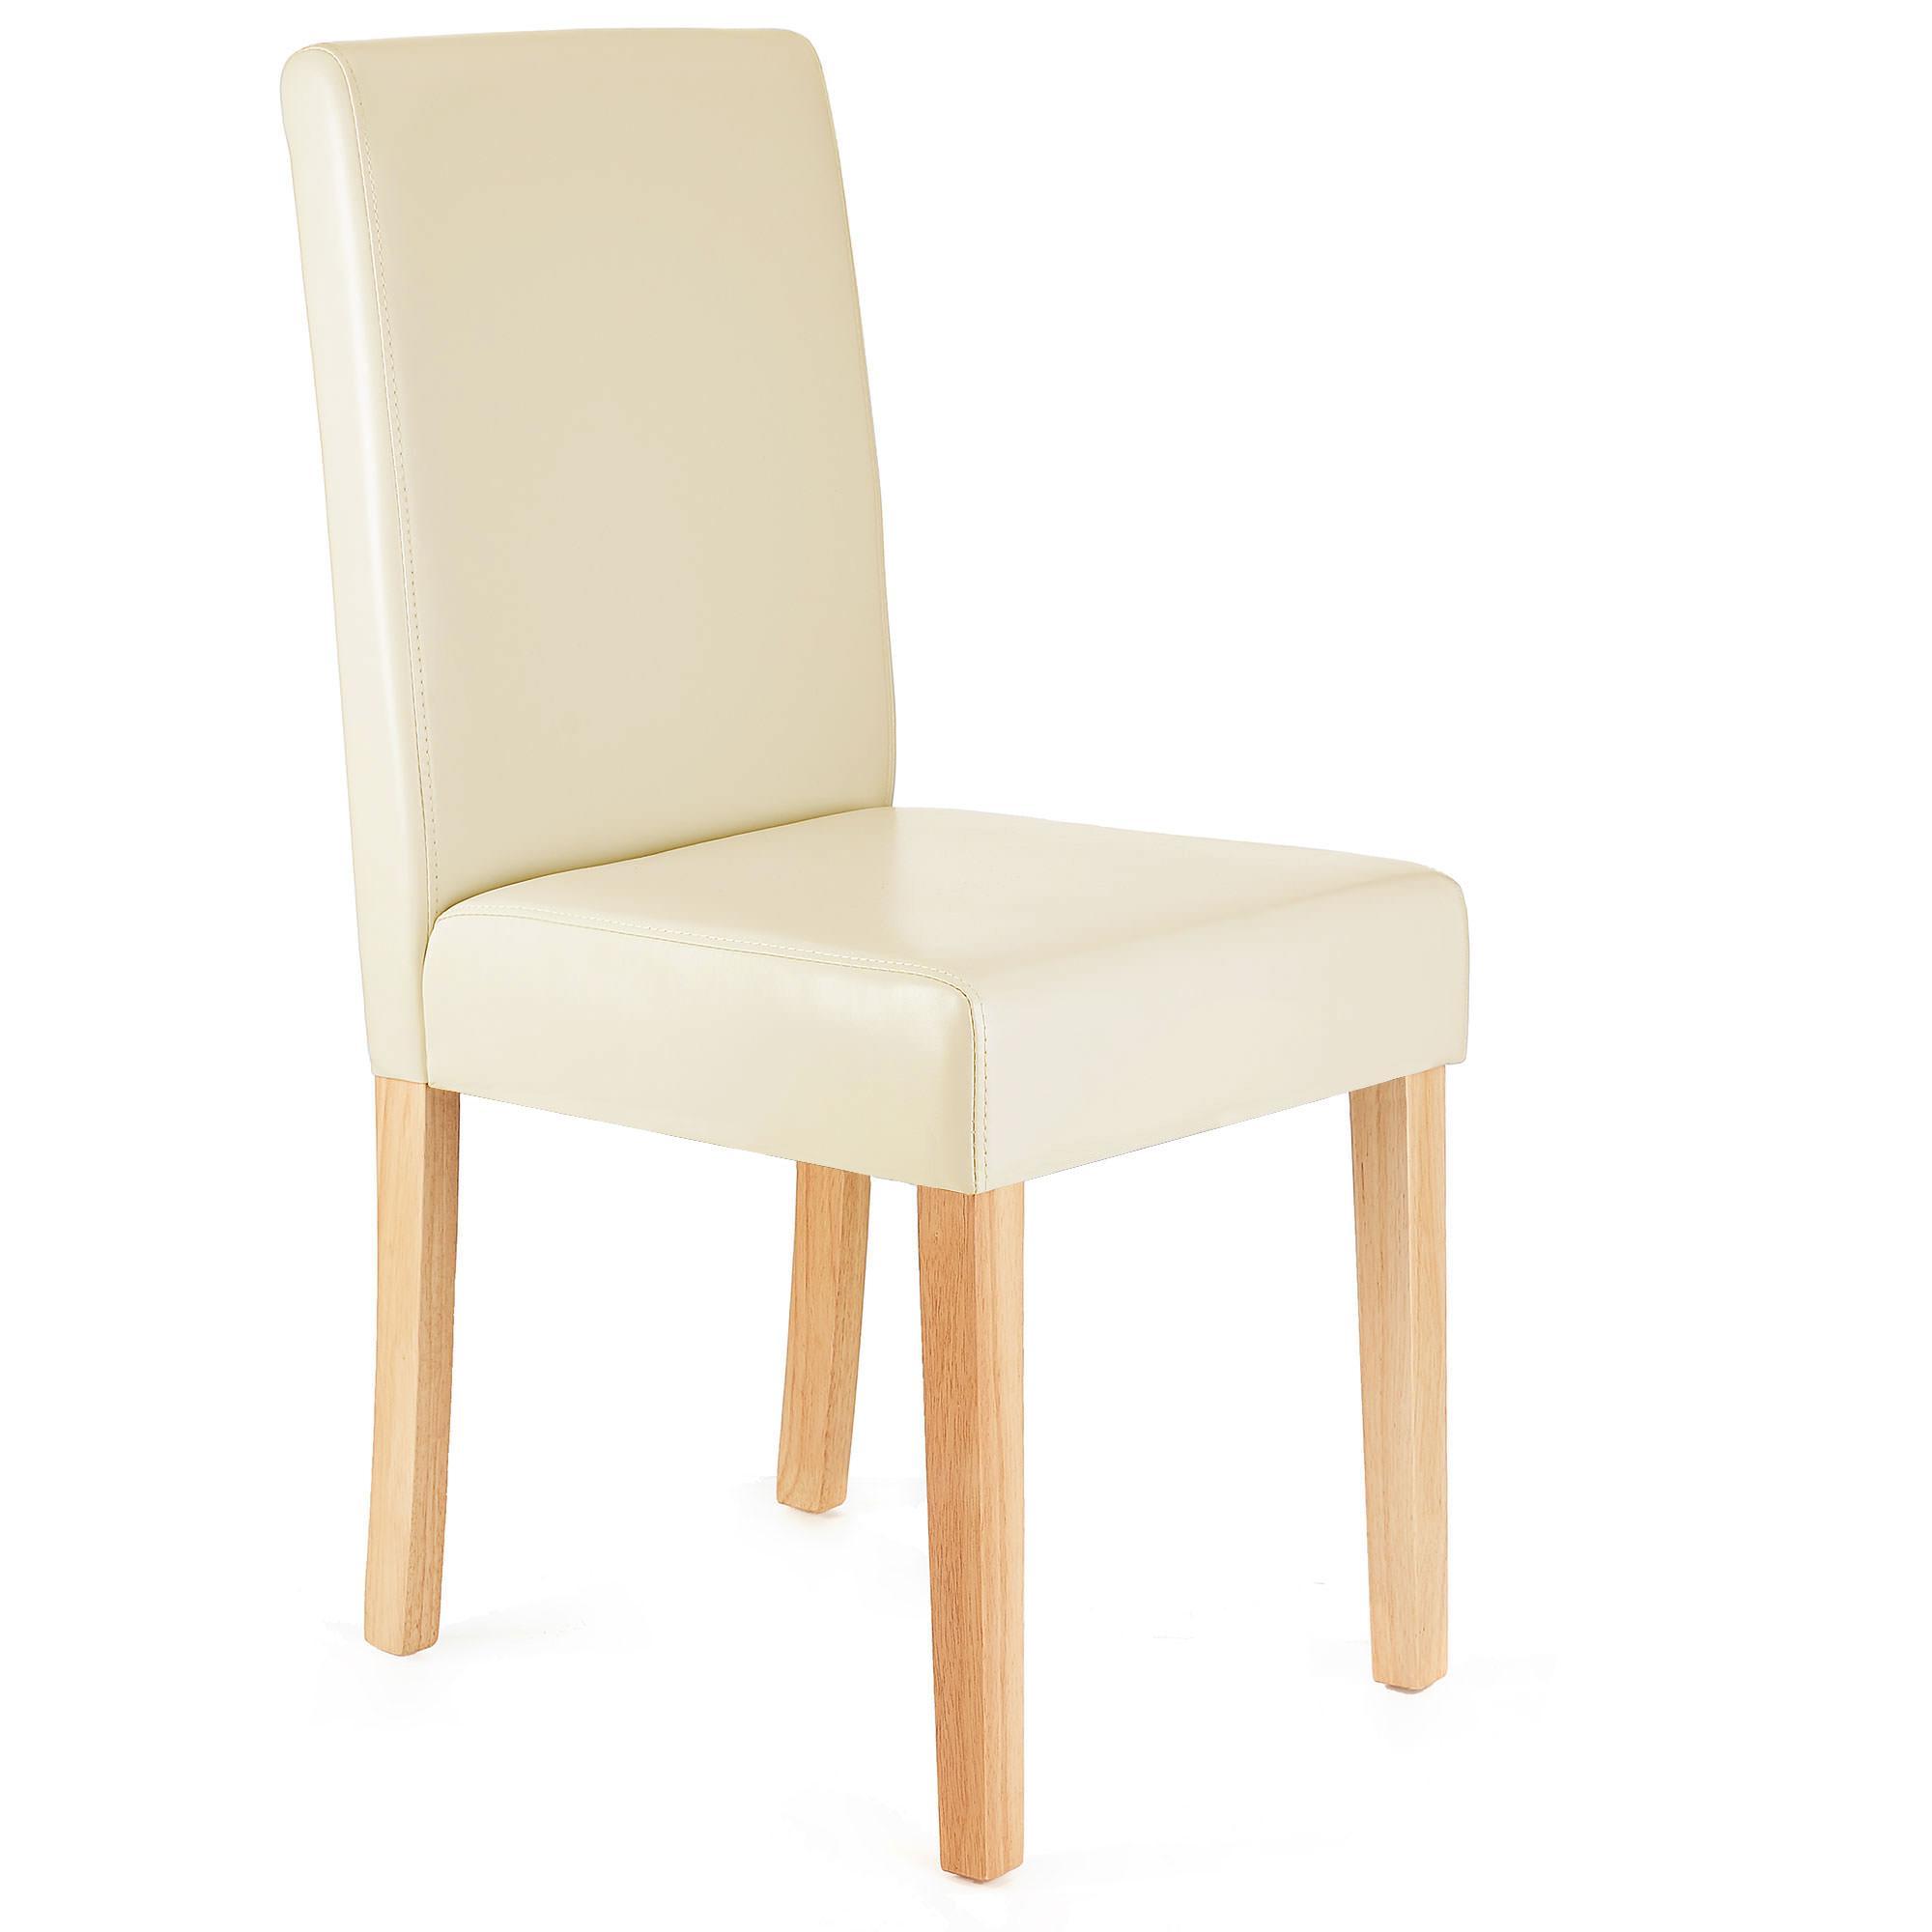 Lote 6 sillas de comedor litau piel natural lote 6 for Sillas de comedor tapizadas en piel